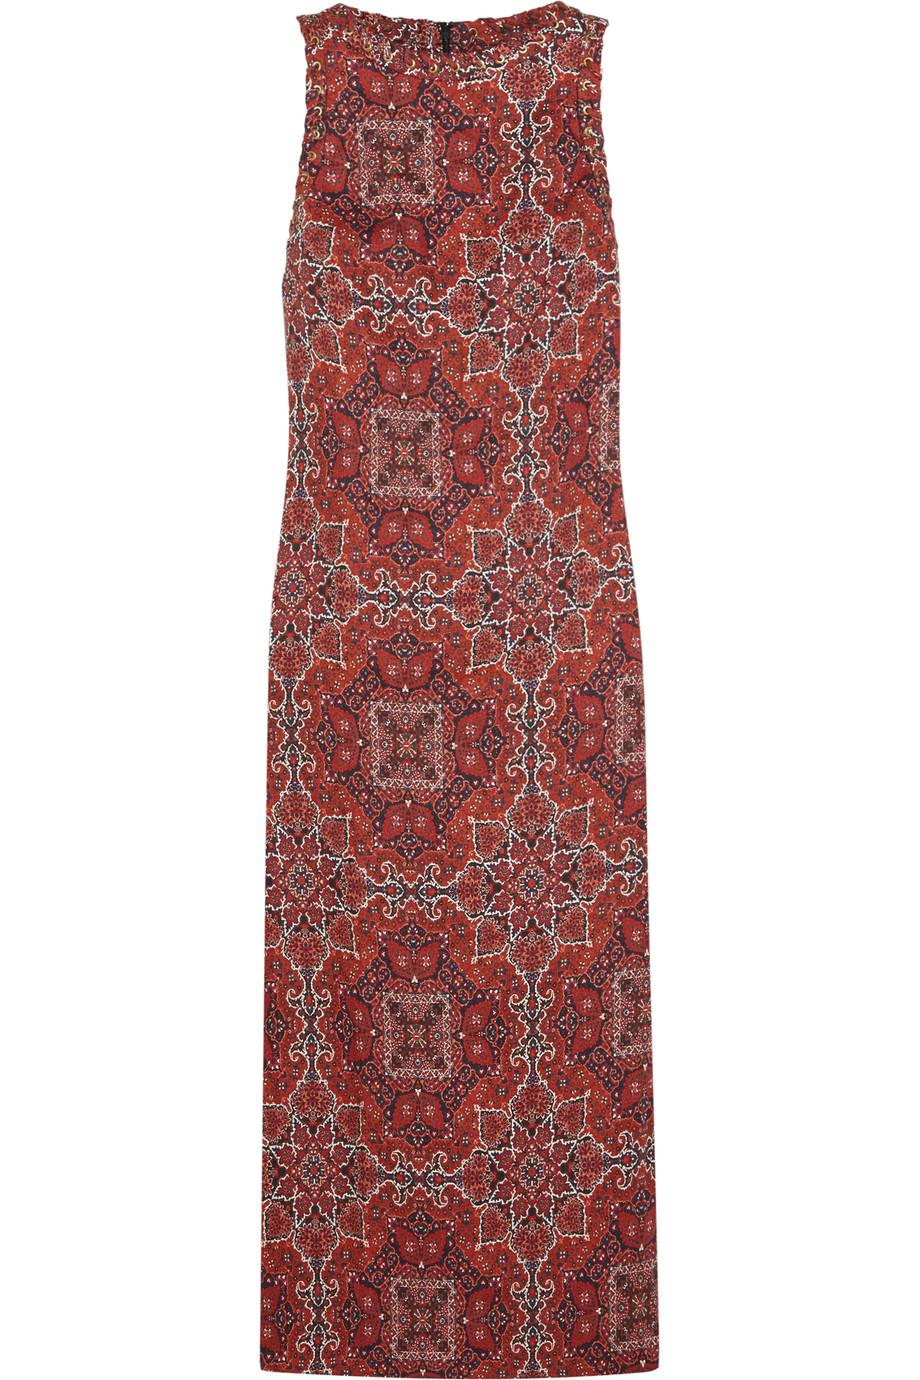 ZIMMERMAN - linen dress